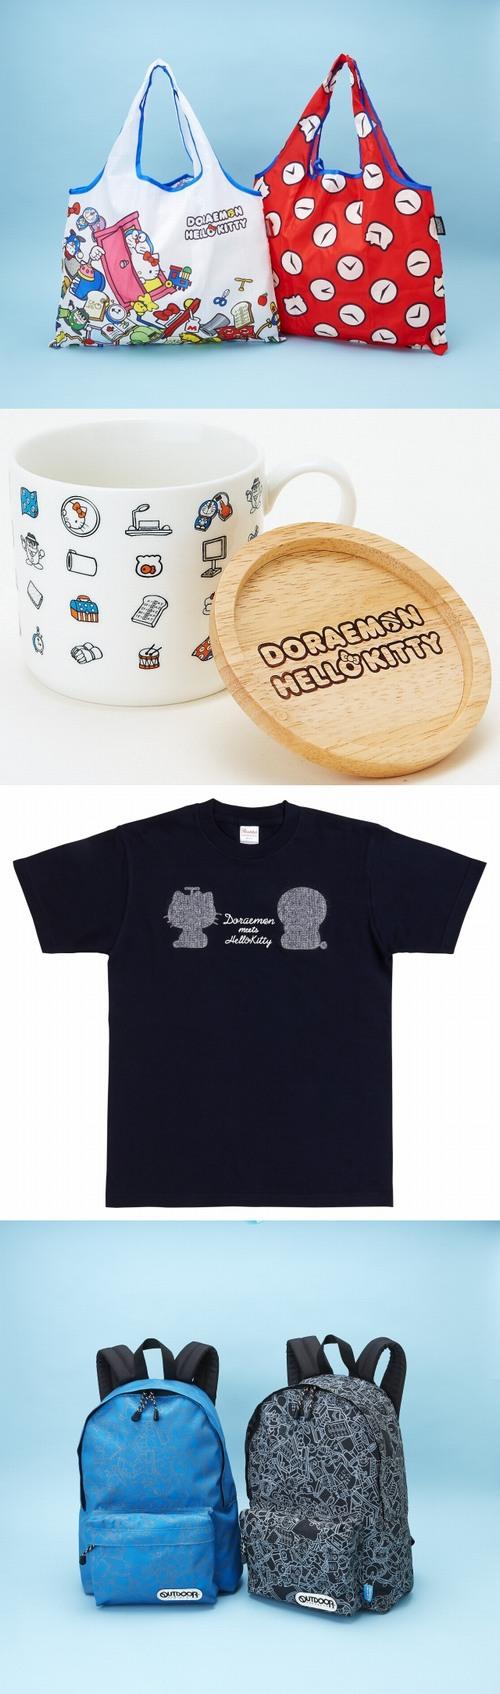 兩大人氣偶像聯名!「DORAEMON × HELLO KITTY」8月正式展開!